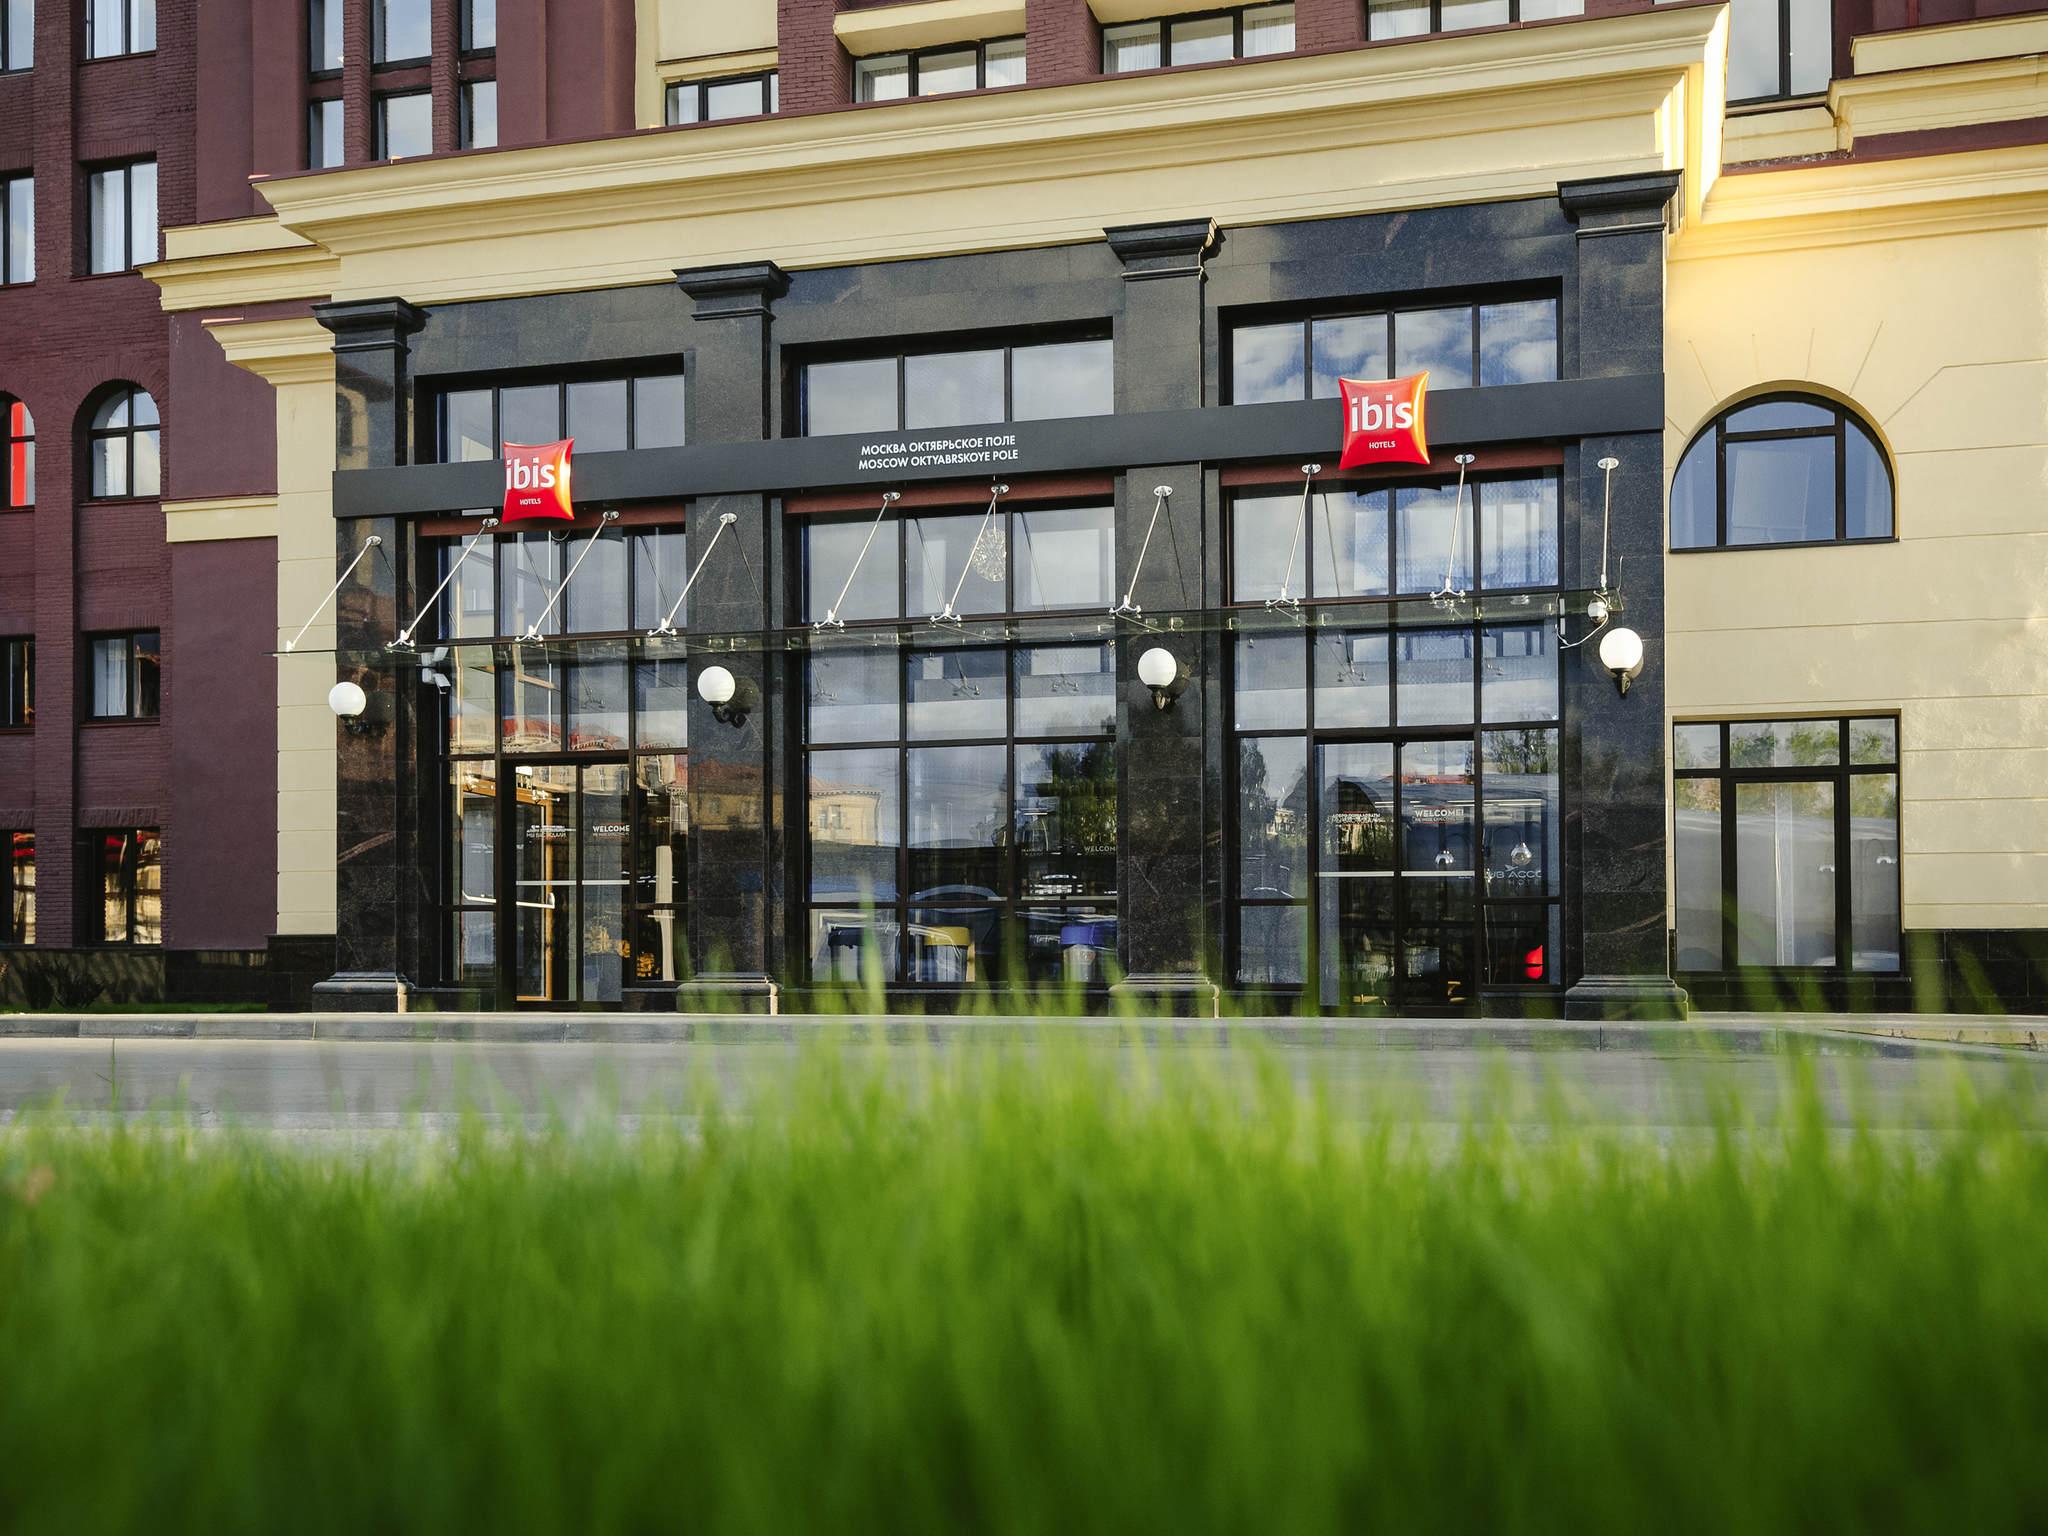 Hotel - Ibis Moscow Oktyabrskoye Pole